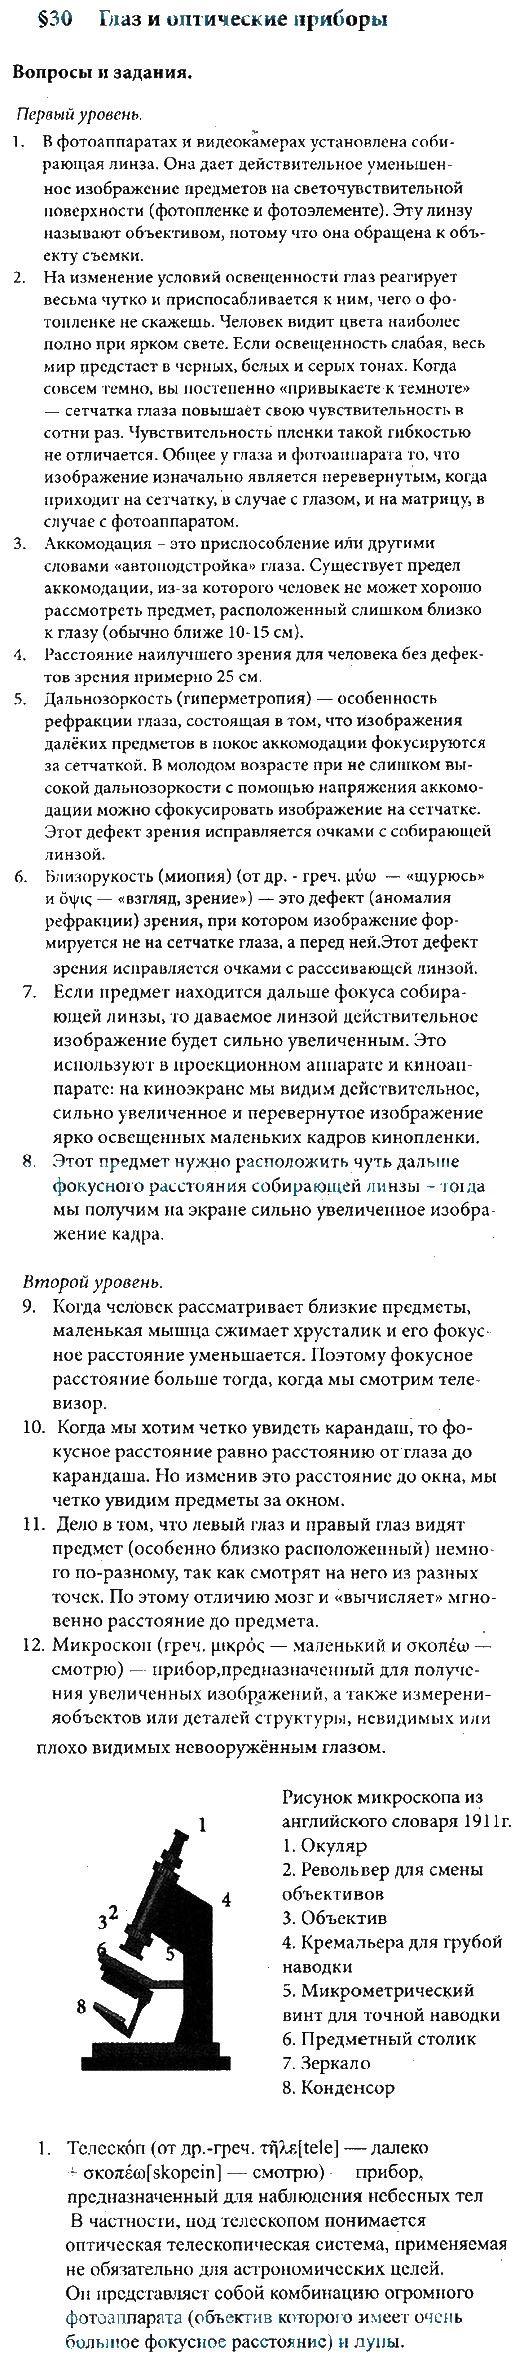 Allday.ru диагностические и контрольные работы по математики макарычев 9 класс